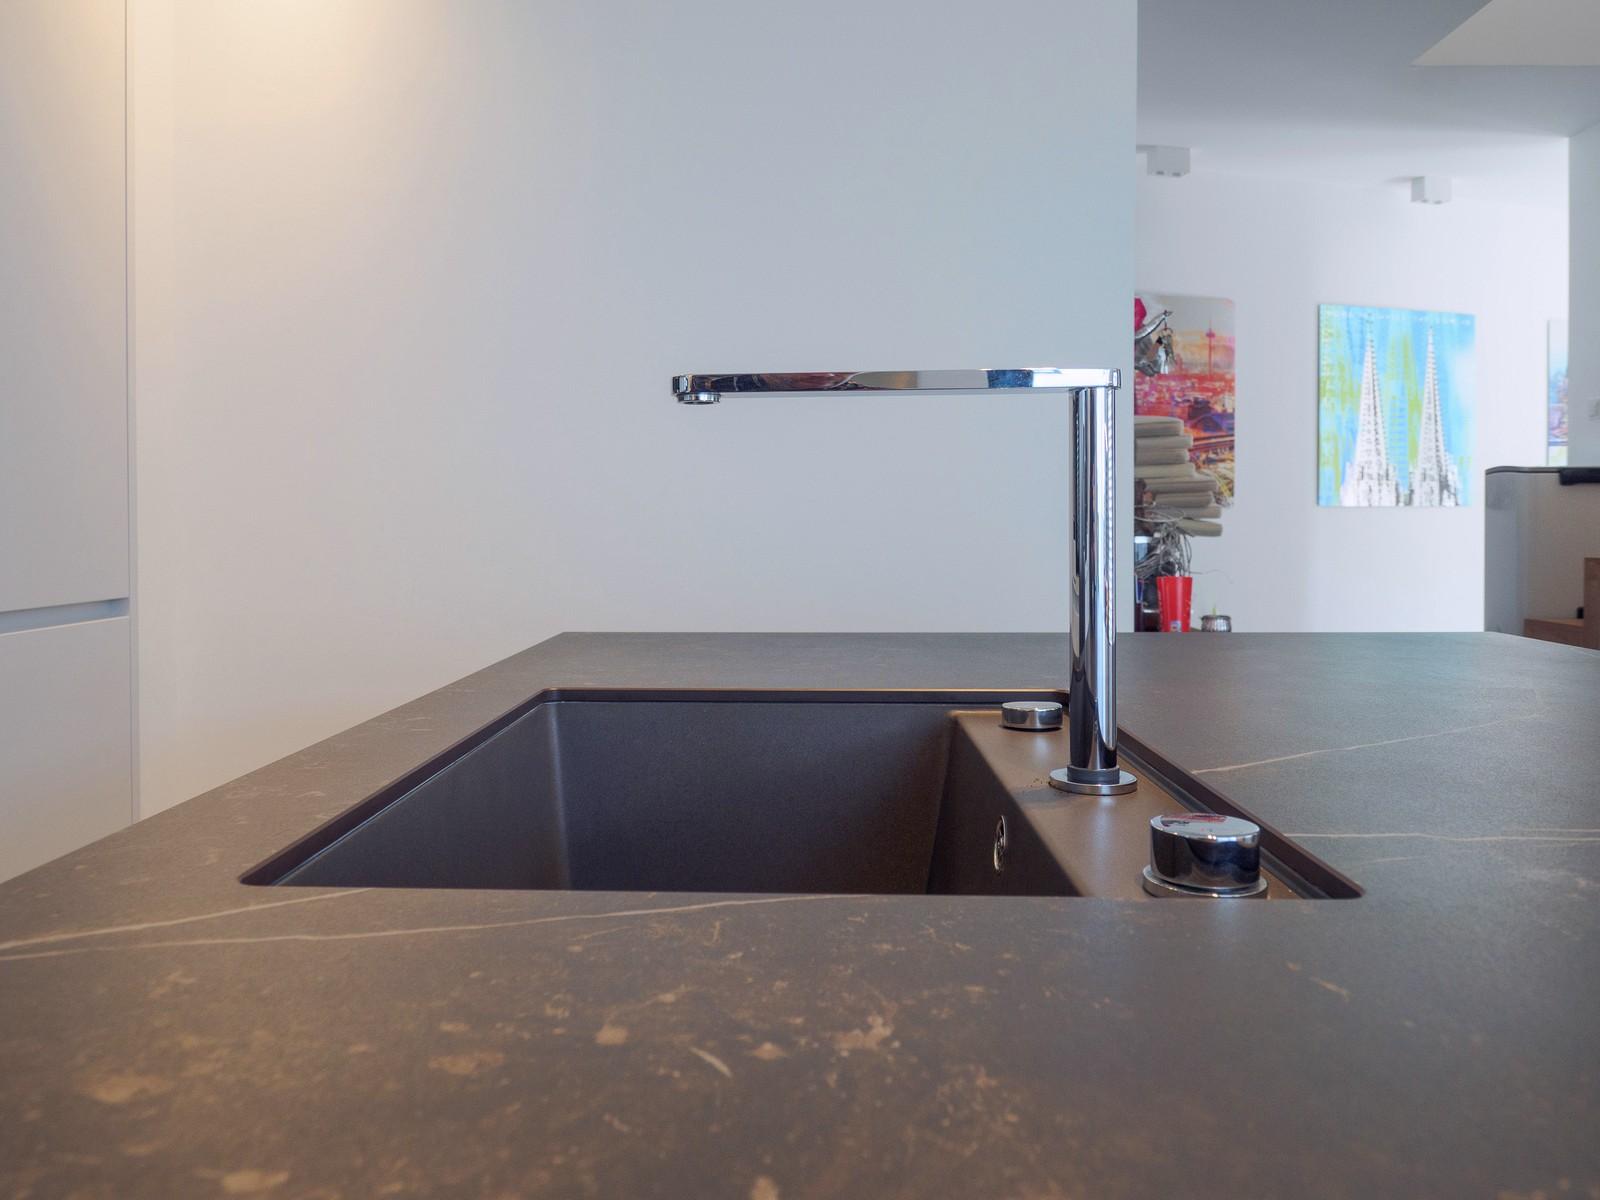 Leicht Kueche Grifflos Weiss Beton Fronten Arbeitsplatte Keramik Miele Elektro Kochmuldenluefter 3